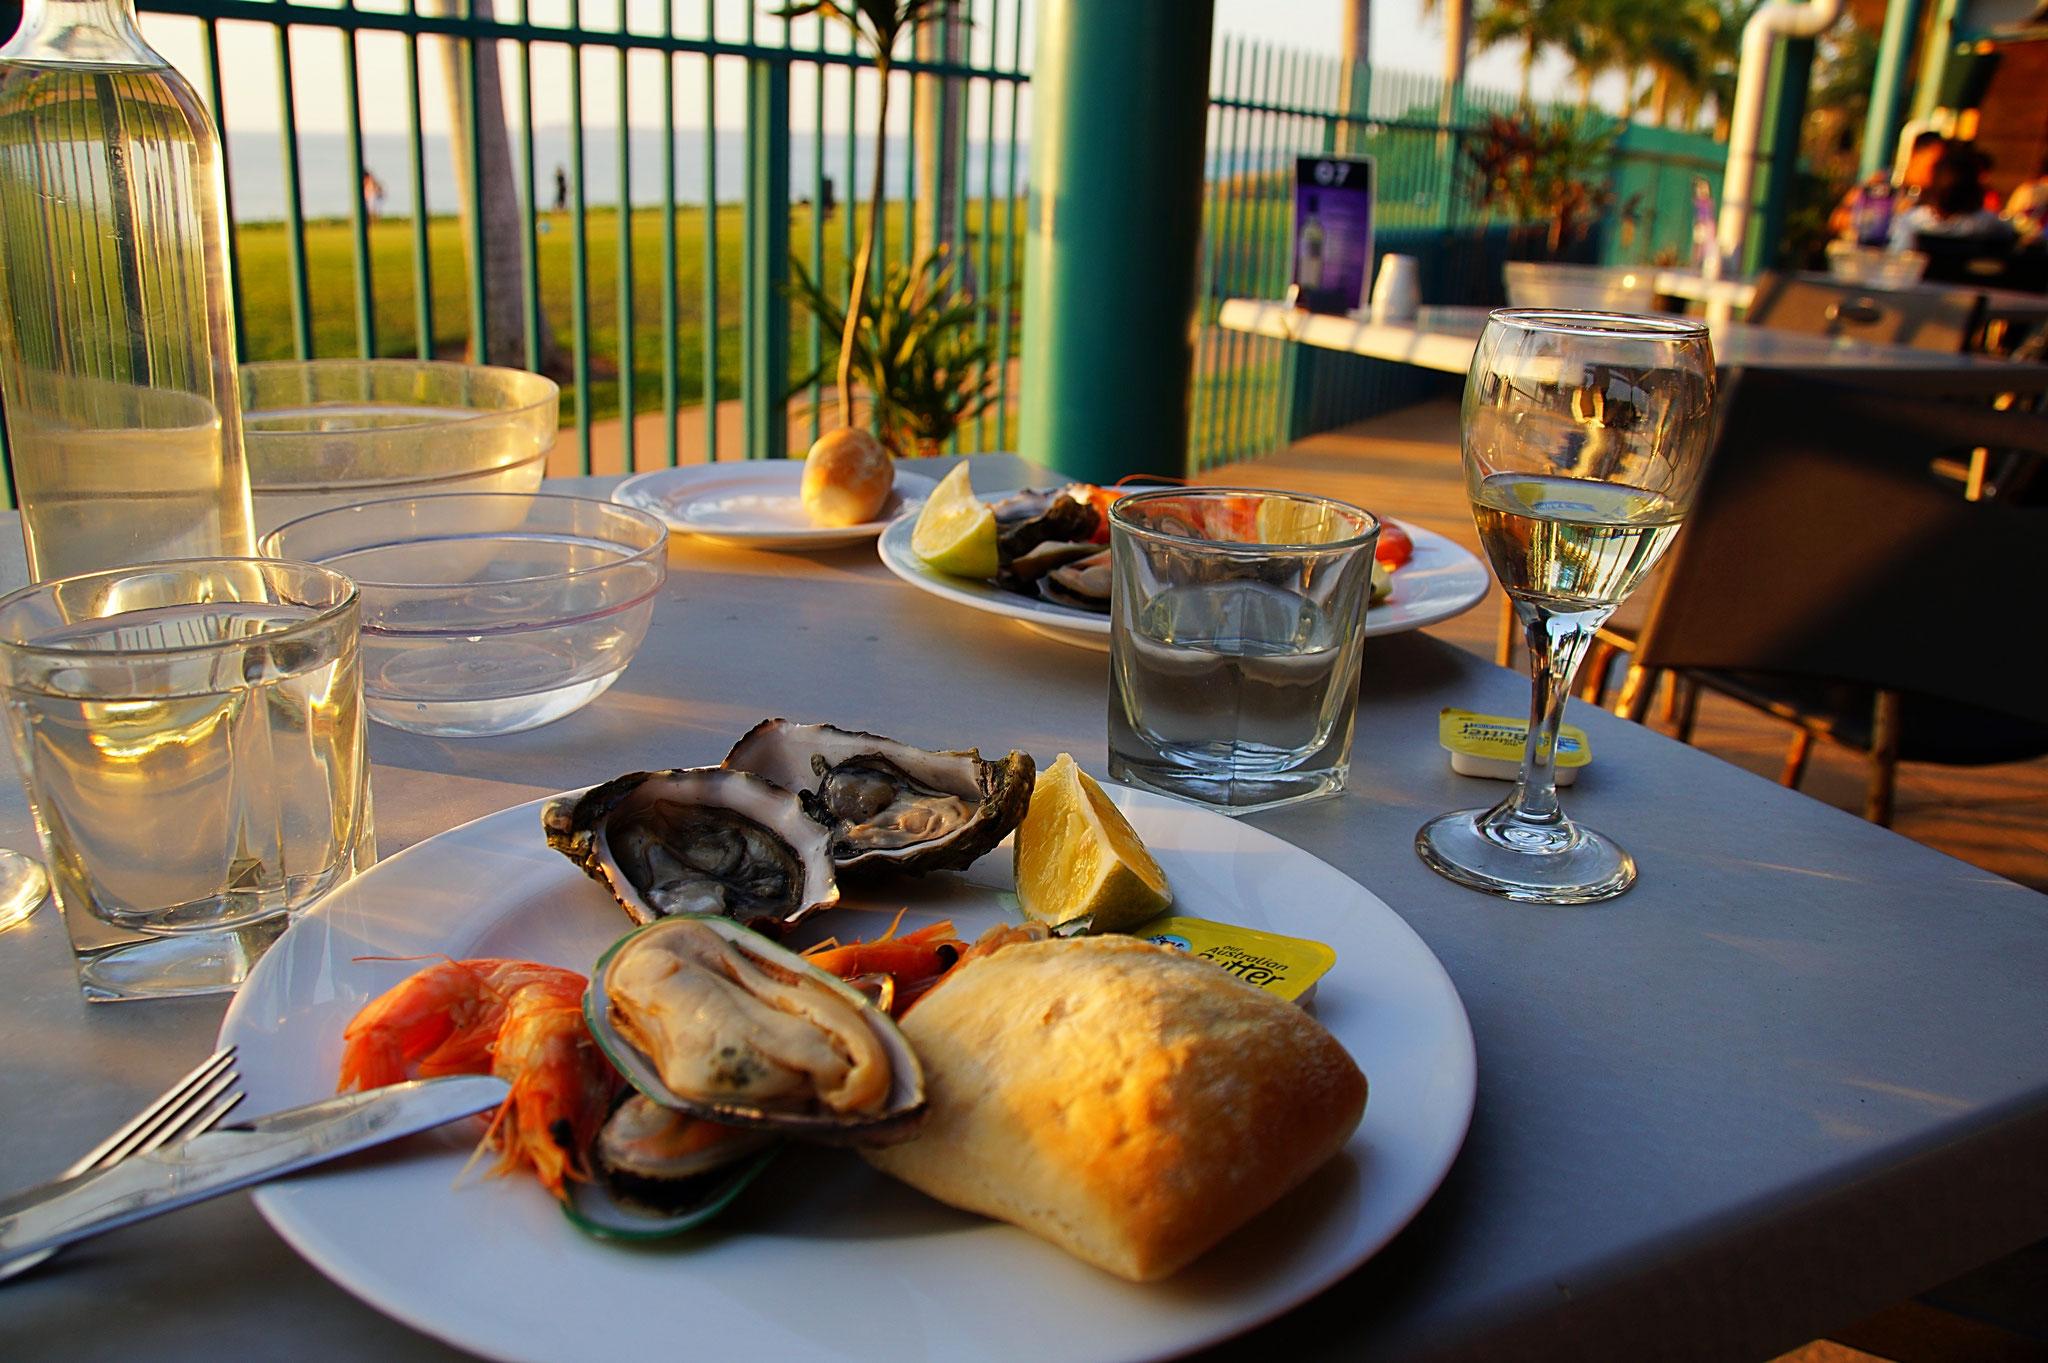 TOP 8 – Seafood on Cullen. Preiswertes all you can eat Buffet mit leckeren Fischspezialitäten tadelloser Qualität. Das beste Essen auf der ganzen Reise.